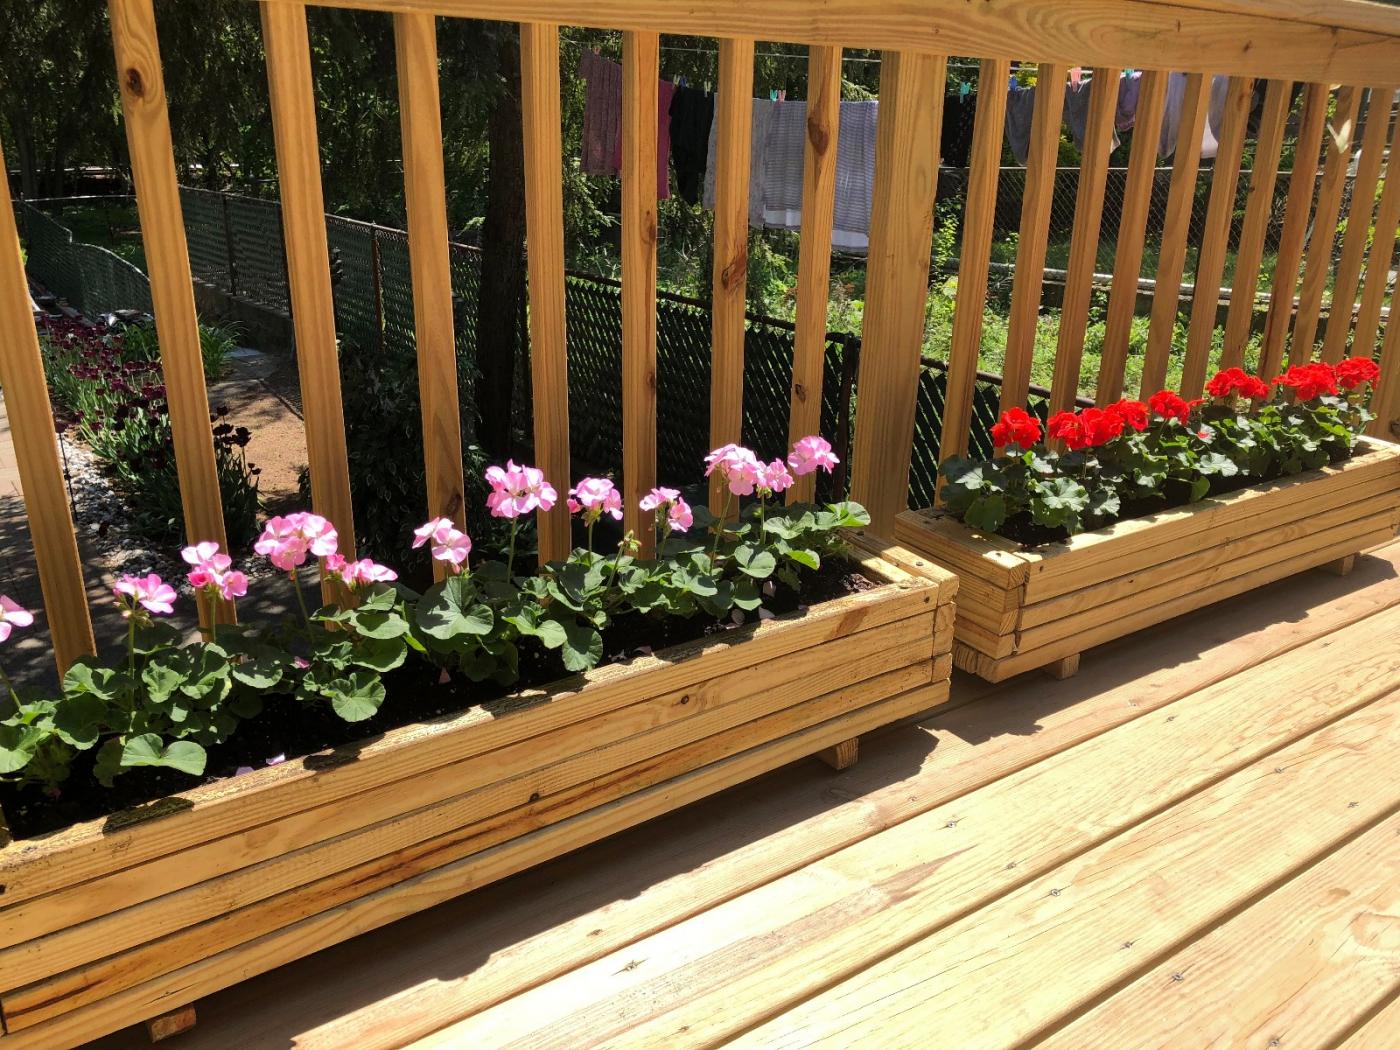 【田螺隨拍】分享去THE HOME DEPOT紅地鋪買花的經驗_圖1-4